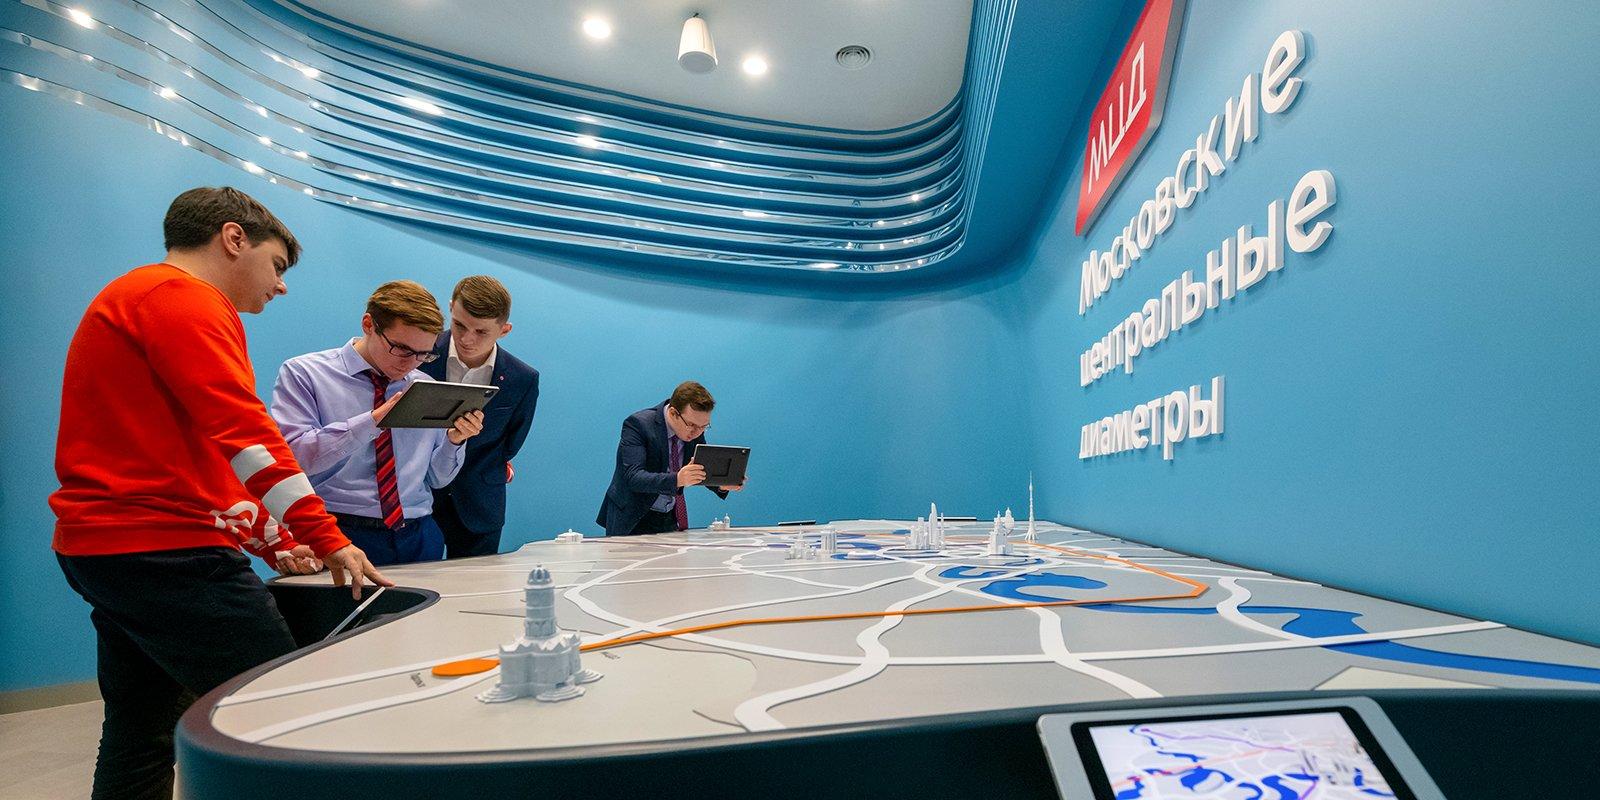 Фото: Пресс-служба Мэра и Правительства Москвы. Денис Гришкин